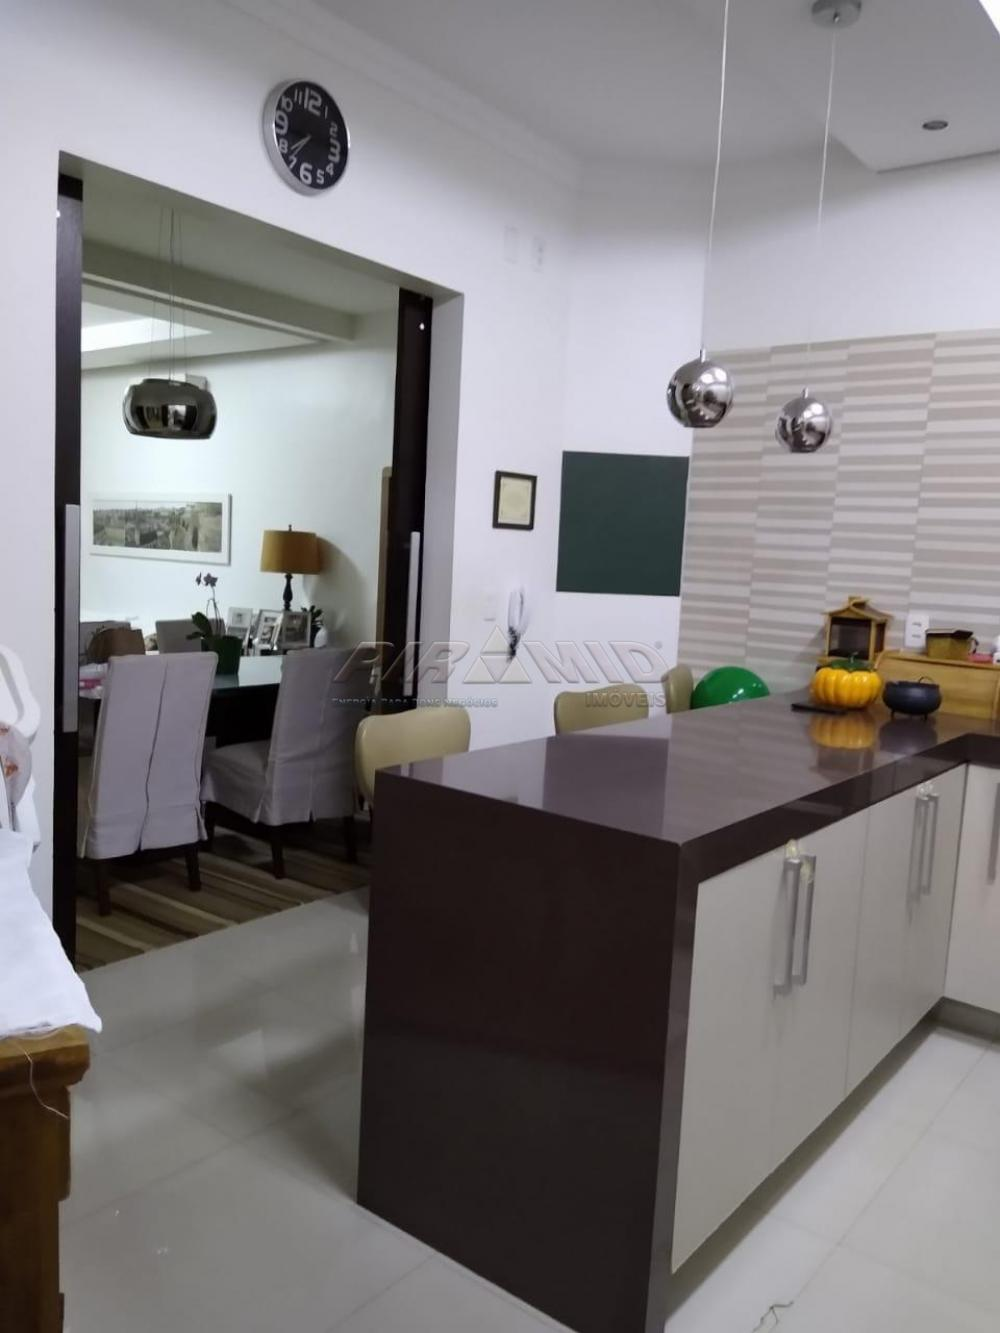 Comprar Apartamento / Padrão em Ribeirão Preto R$ 397.000,00 - Foto 9